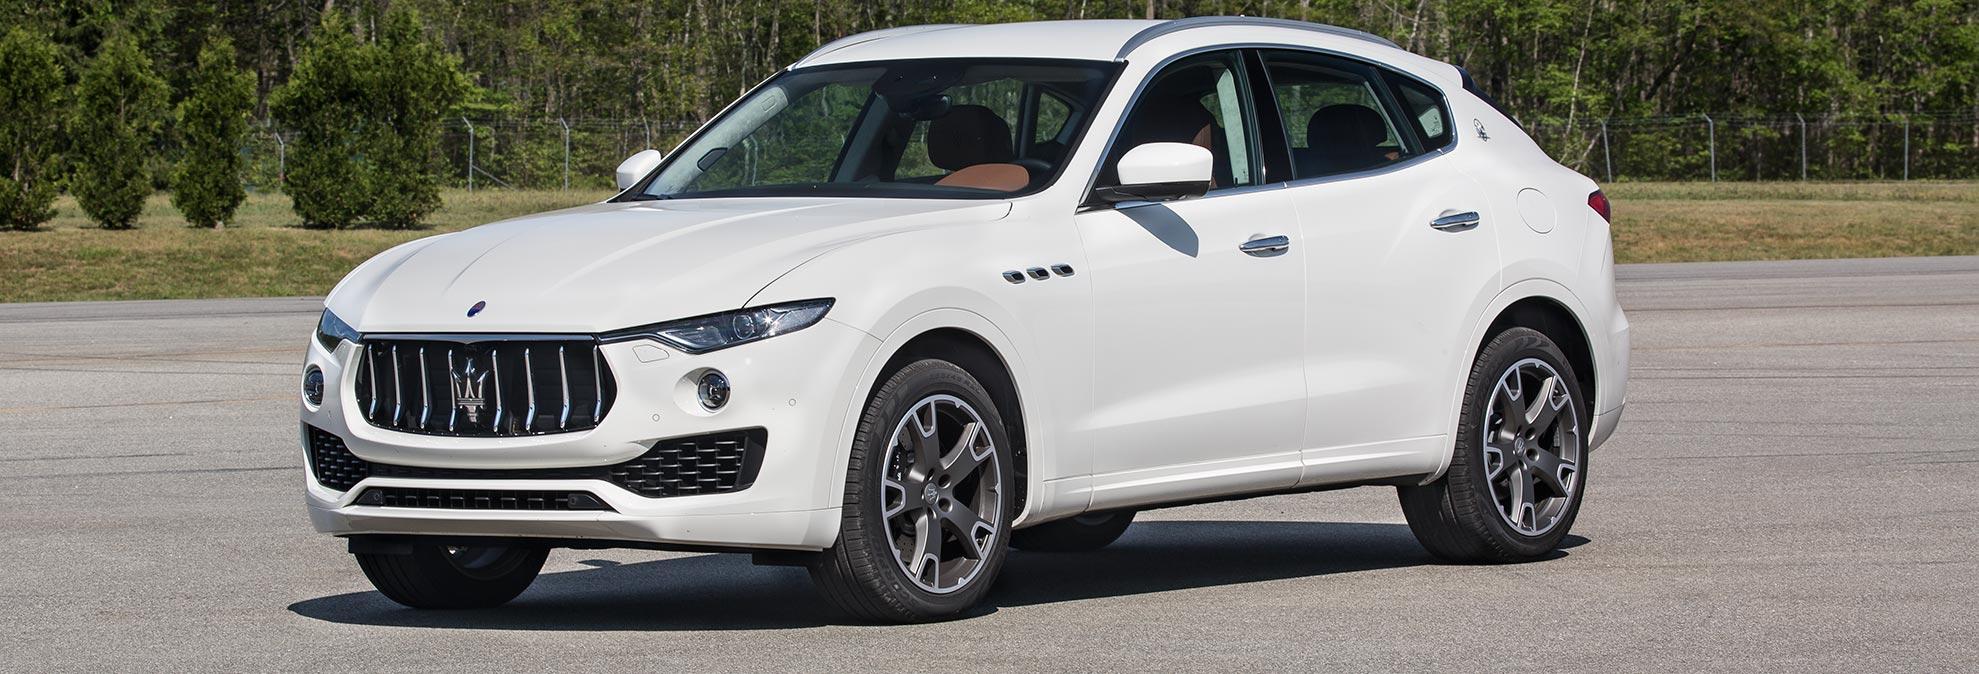 First Drive 2017 Maserati Levante Suv Consumer Reports